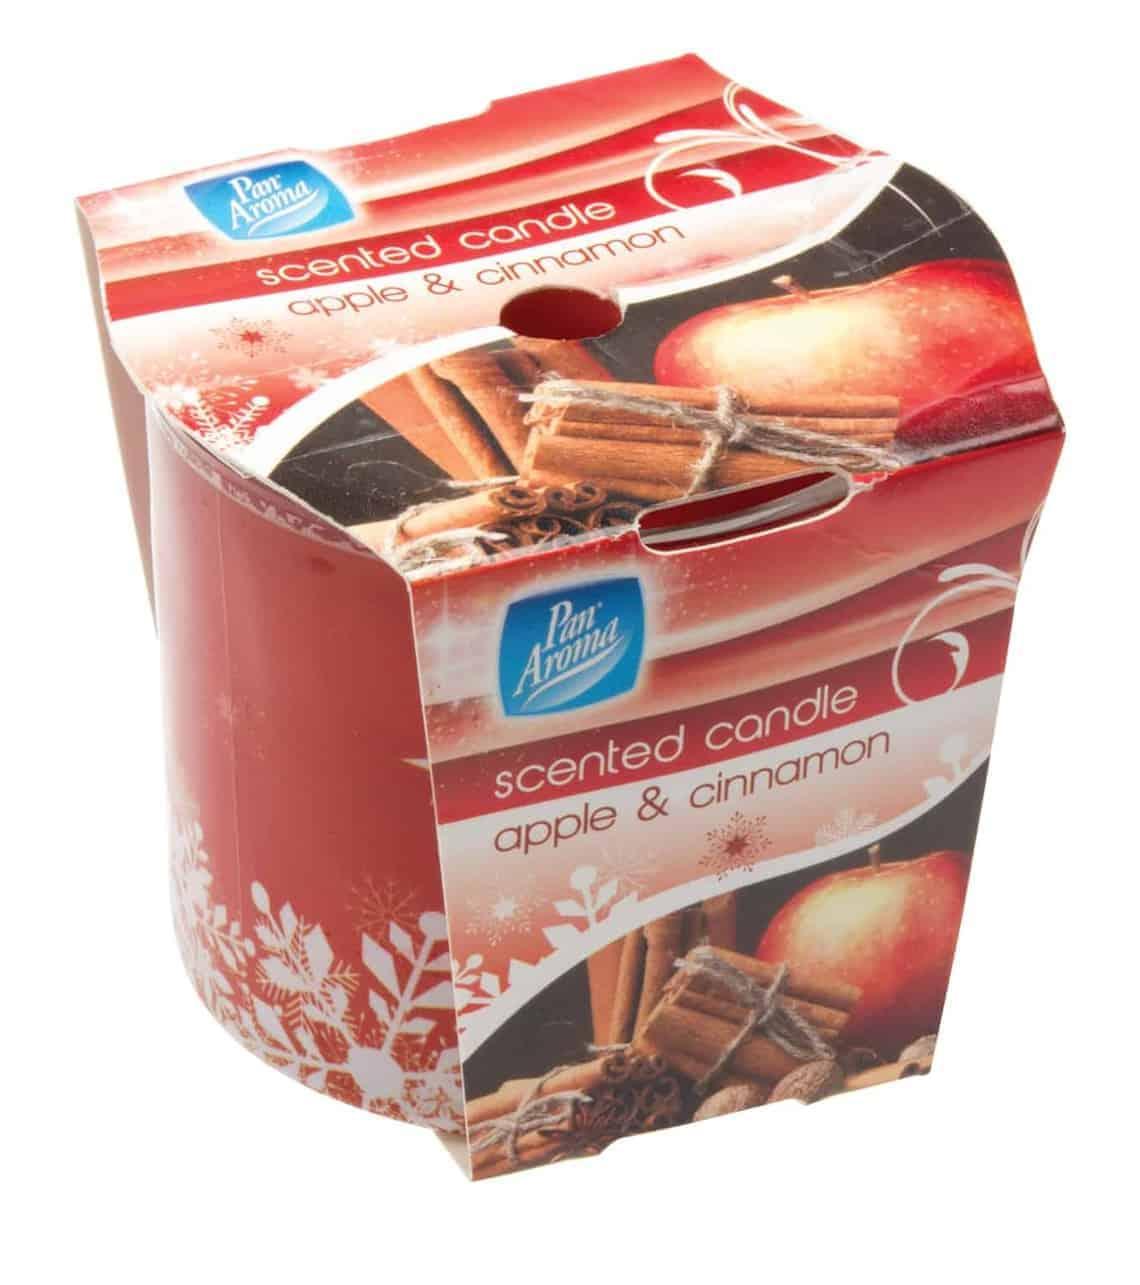 Pan Aroma Apple Cinnamon Candle